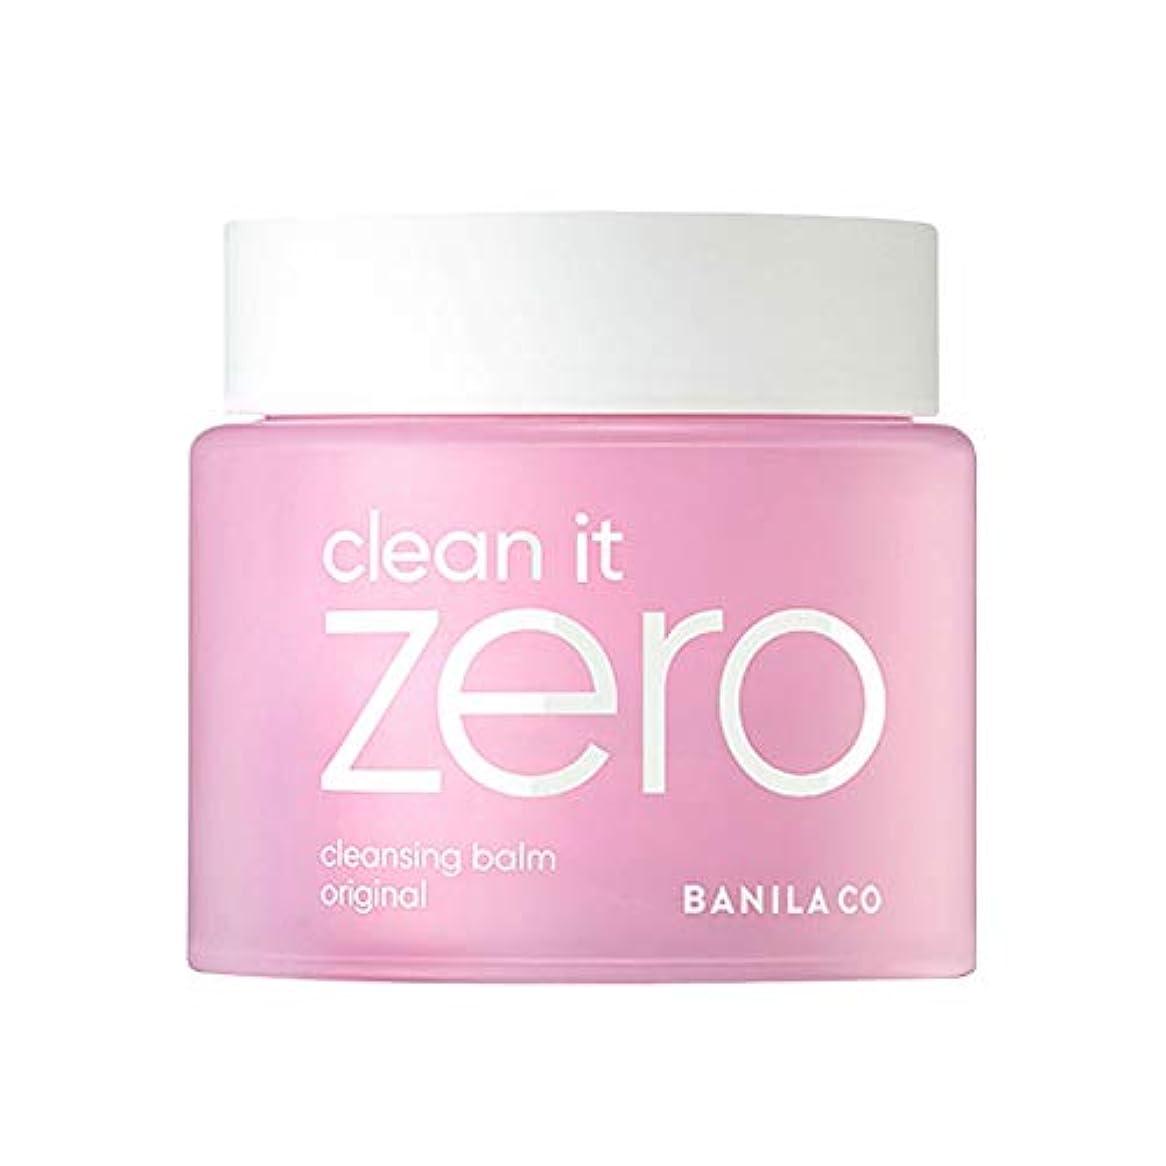 反動容疑者持続的バニラコクリーンイットゼロクレンジングbalmオリジナル180mlクレンジングクリーム、Banila Co Clean It Zero Cleansing Balm Original 180ml [並行輸入品]